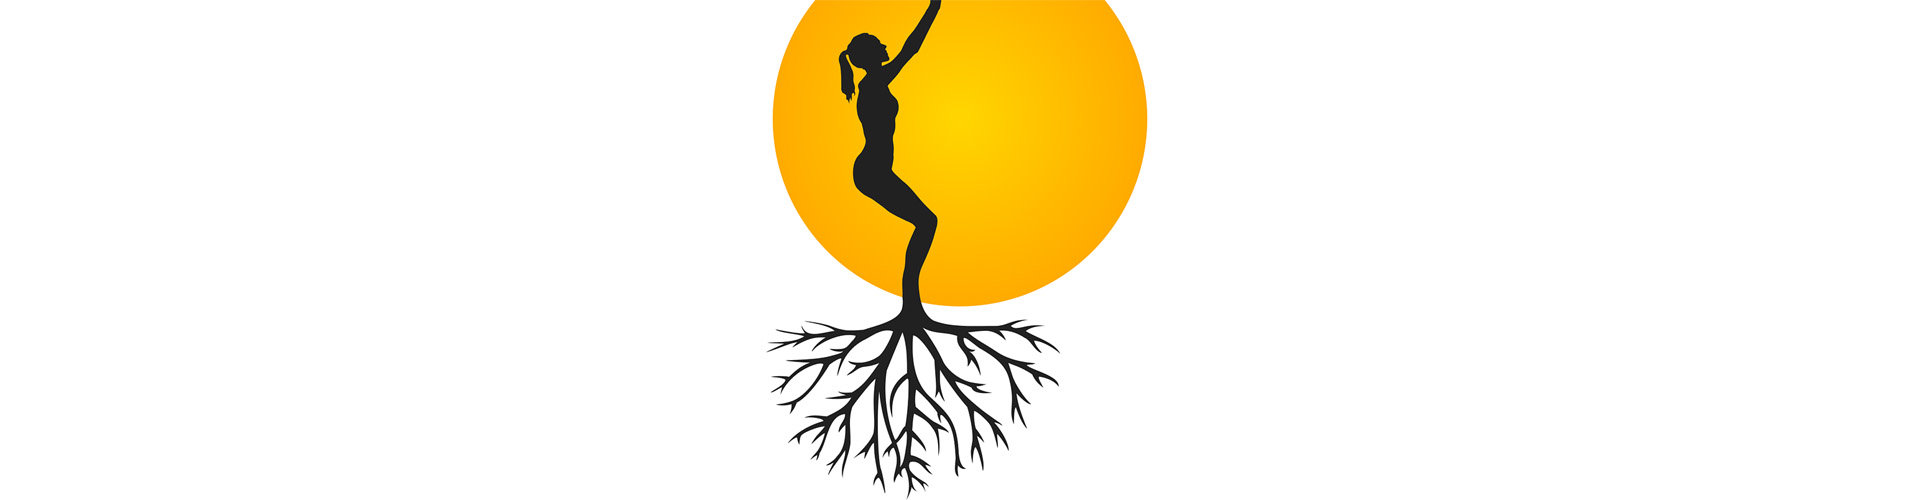 Gruppo Del Venerdì: La Meditazione Su Equilibro Radicamento/Volo